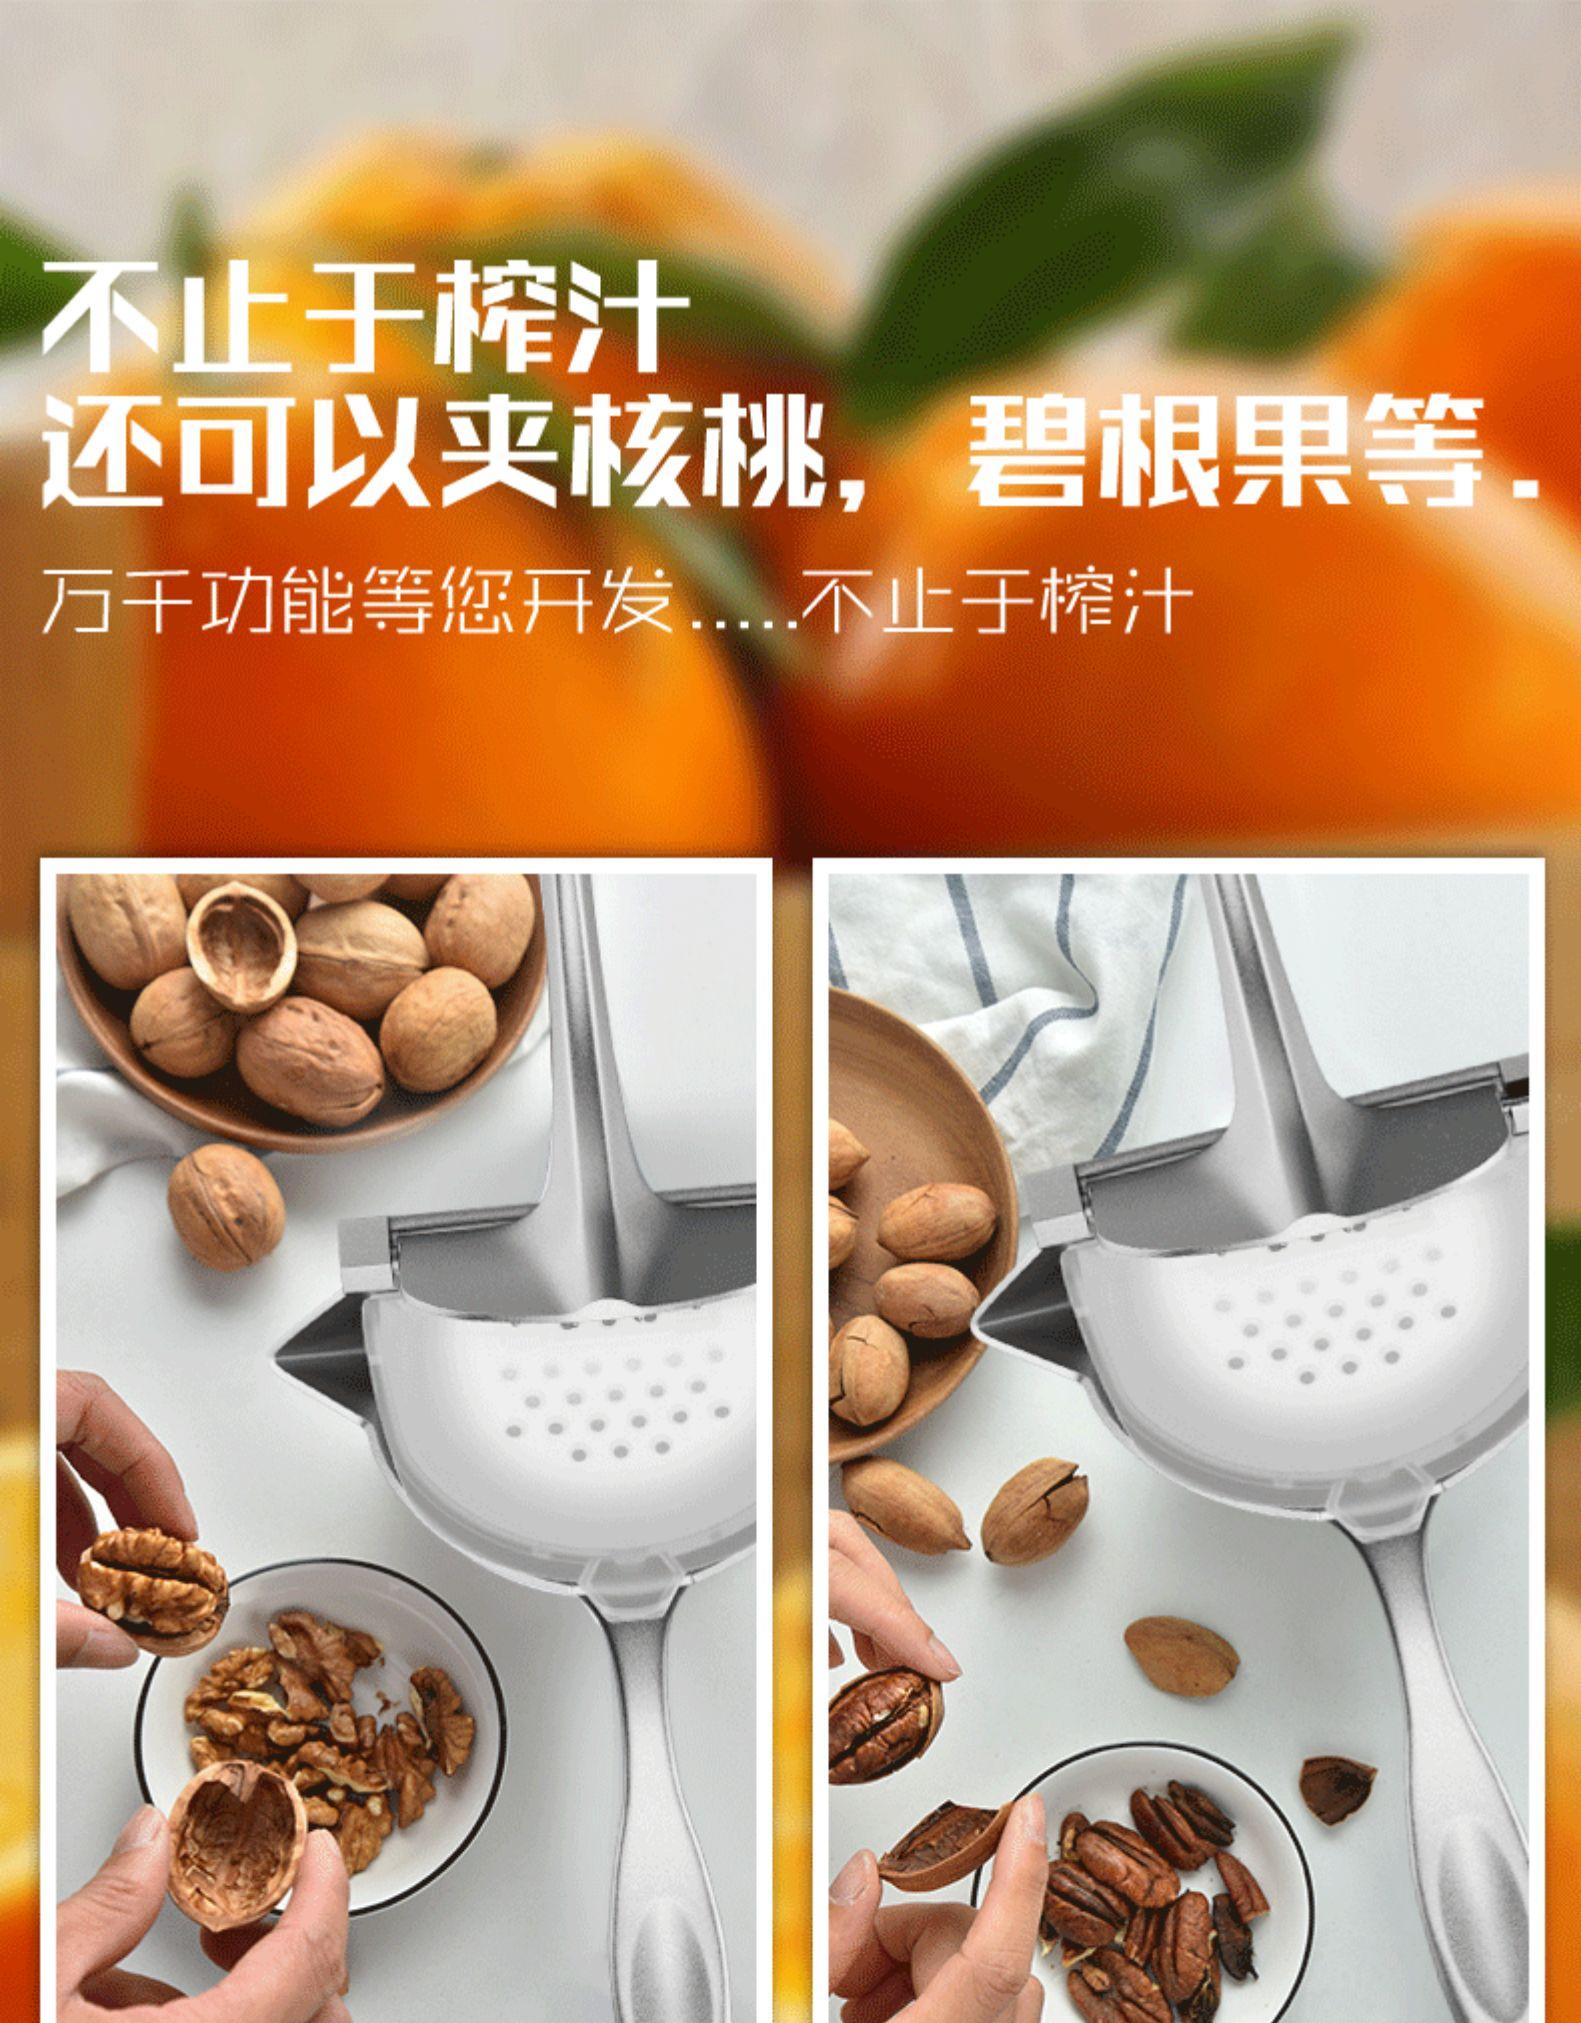 德国手动榨汁机橙汁挤压器家用水果小型不锈钢石榴压柠檬榨汁神器详细照片